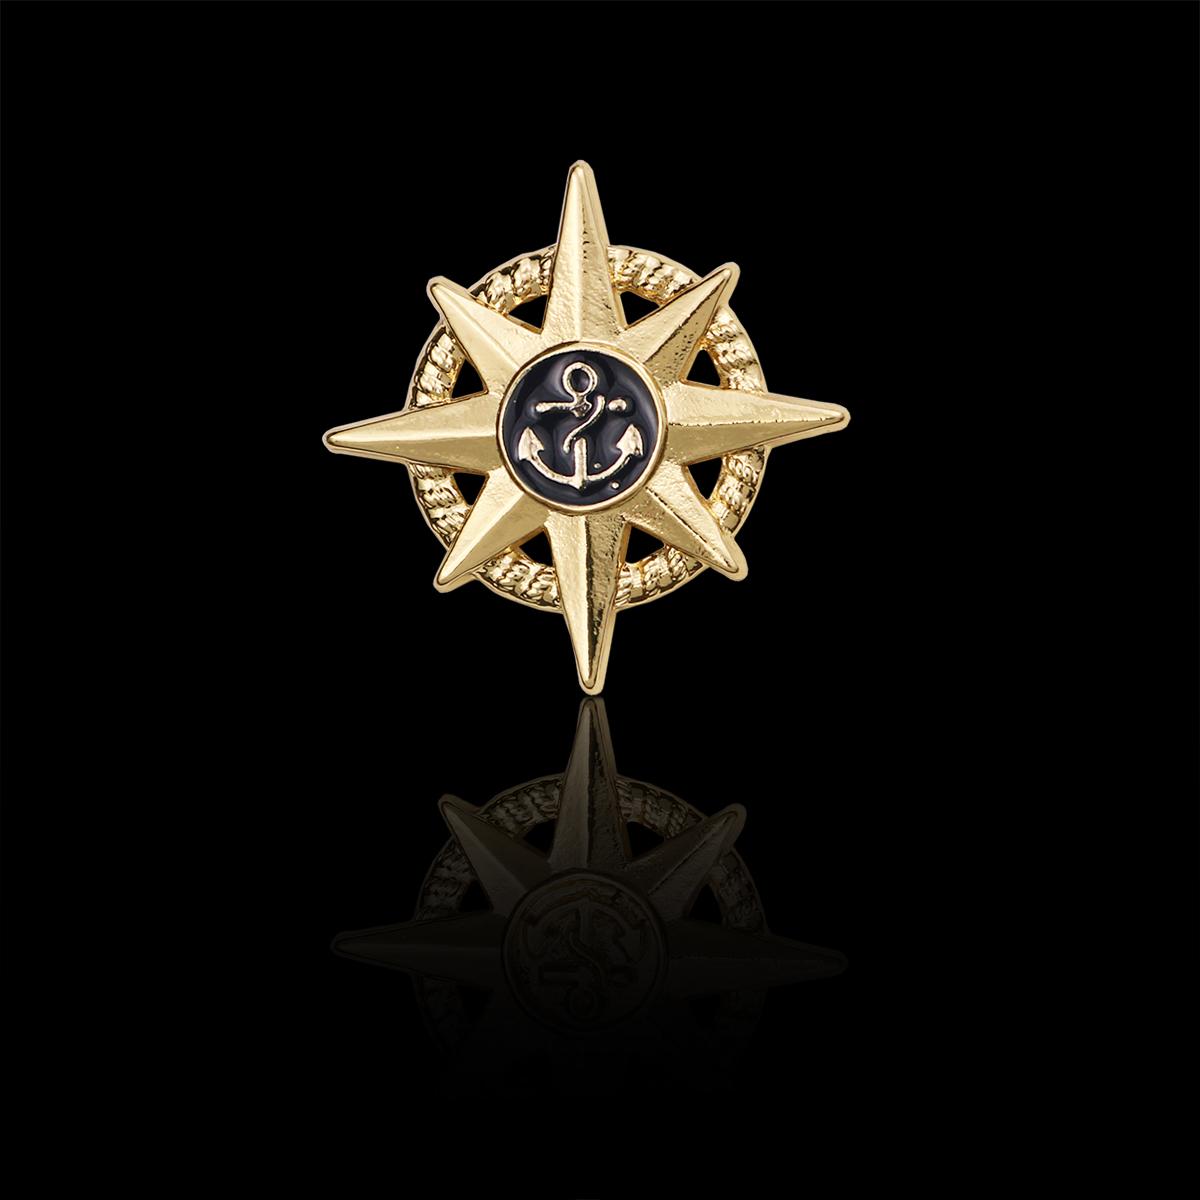 时尚新品胸针英伦学院风海军风金属星芒星光徽章胸章勋章 包邮券后9.90元